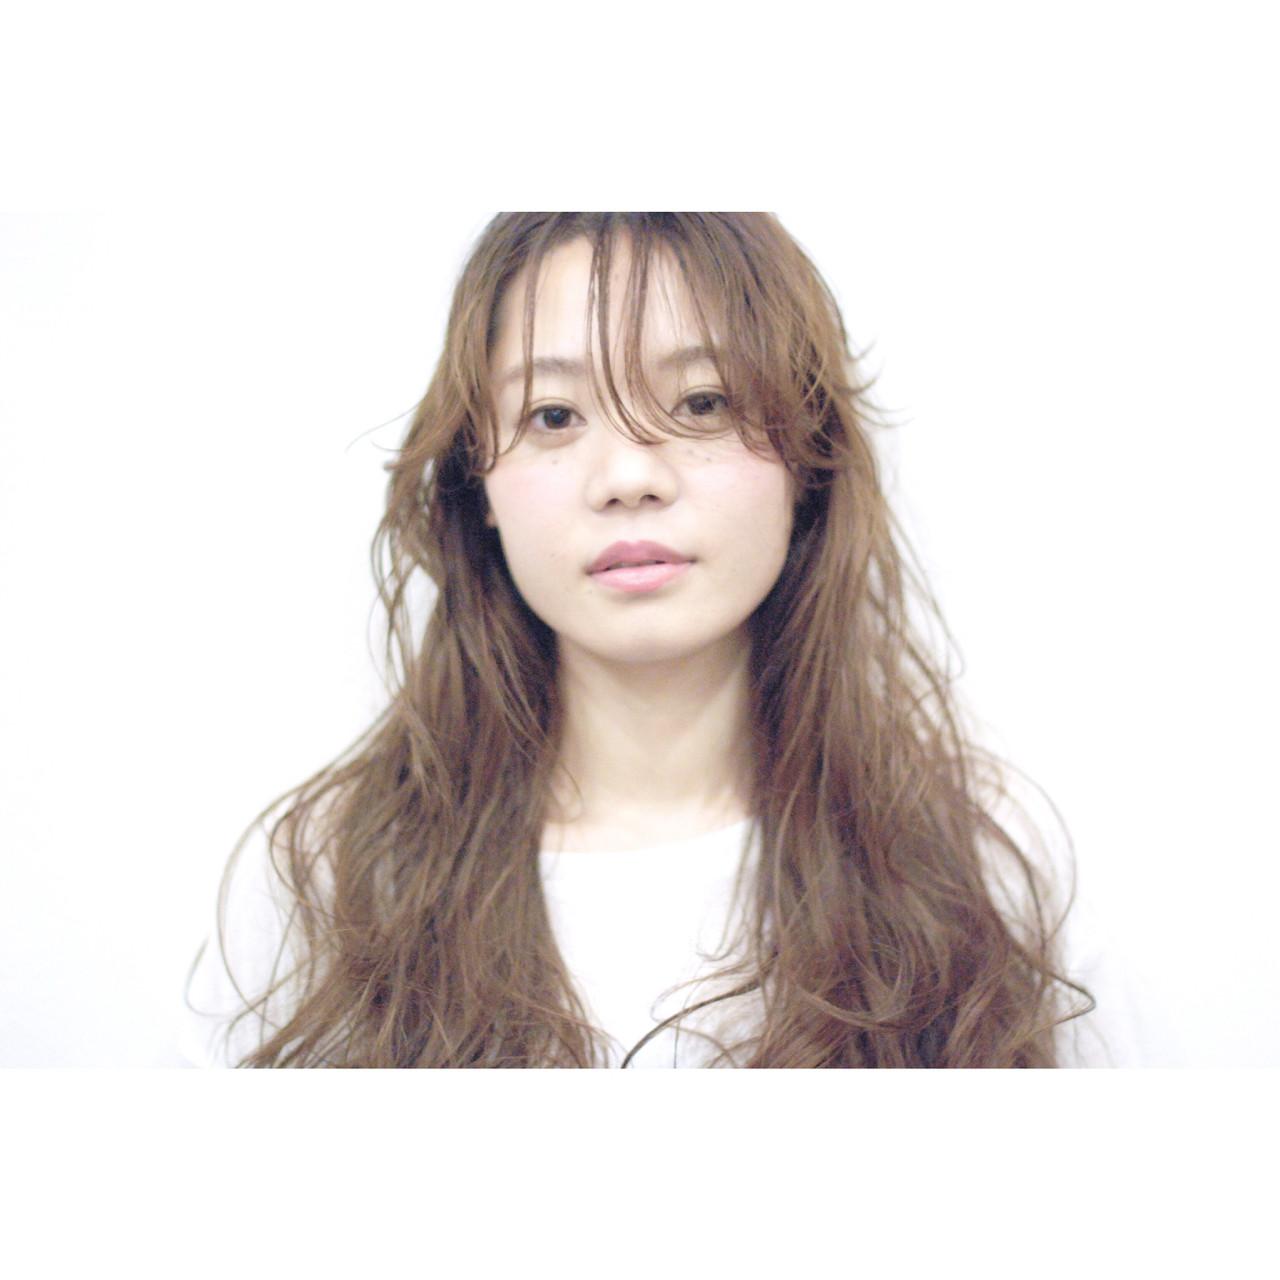 ナチュラル パーマ 外国人風 ハイライト ヘアスタイルや髪型の写真・画像 | 長 賢太郎 / ky-go